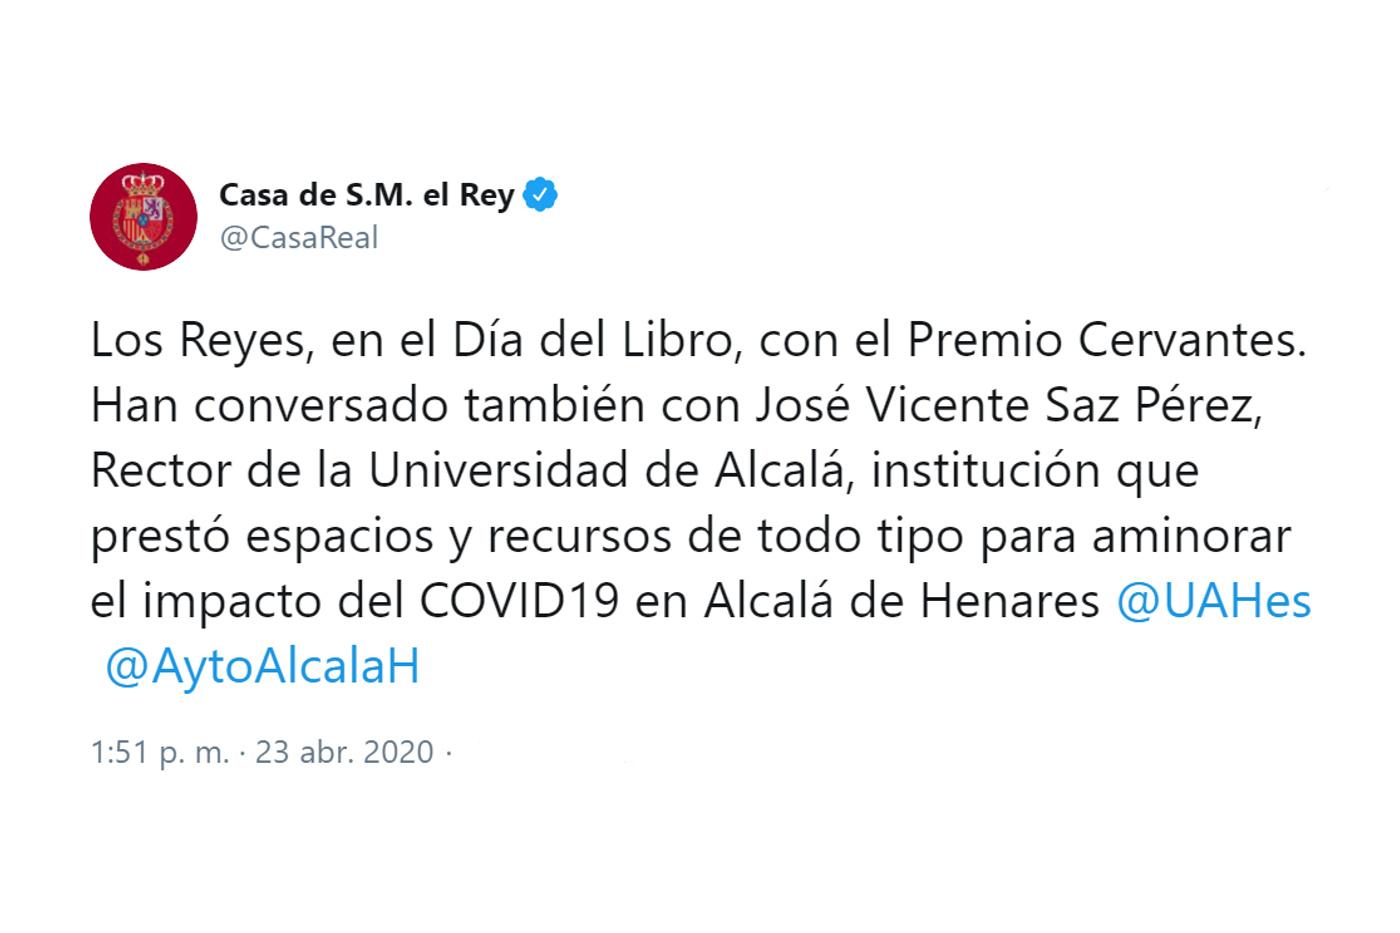 Inicio Actividades Y Agenda Conversación Telefónica De Sus Majestades Los Reyes Con El Rector Magnífico De La Universidad De Alcalá De Henares José Vicente Saz